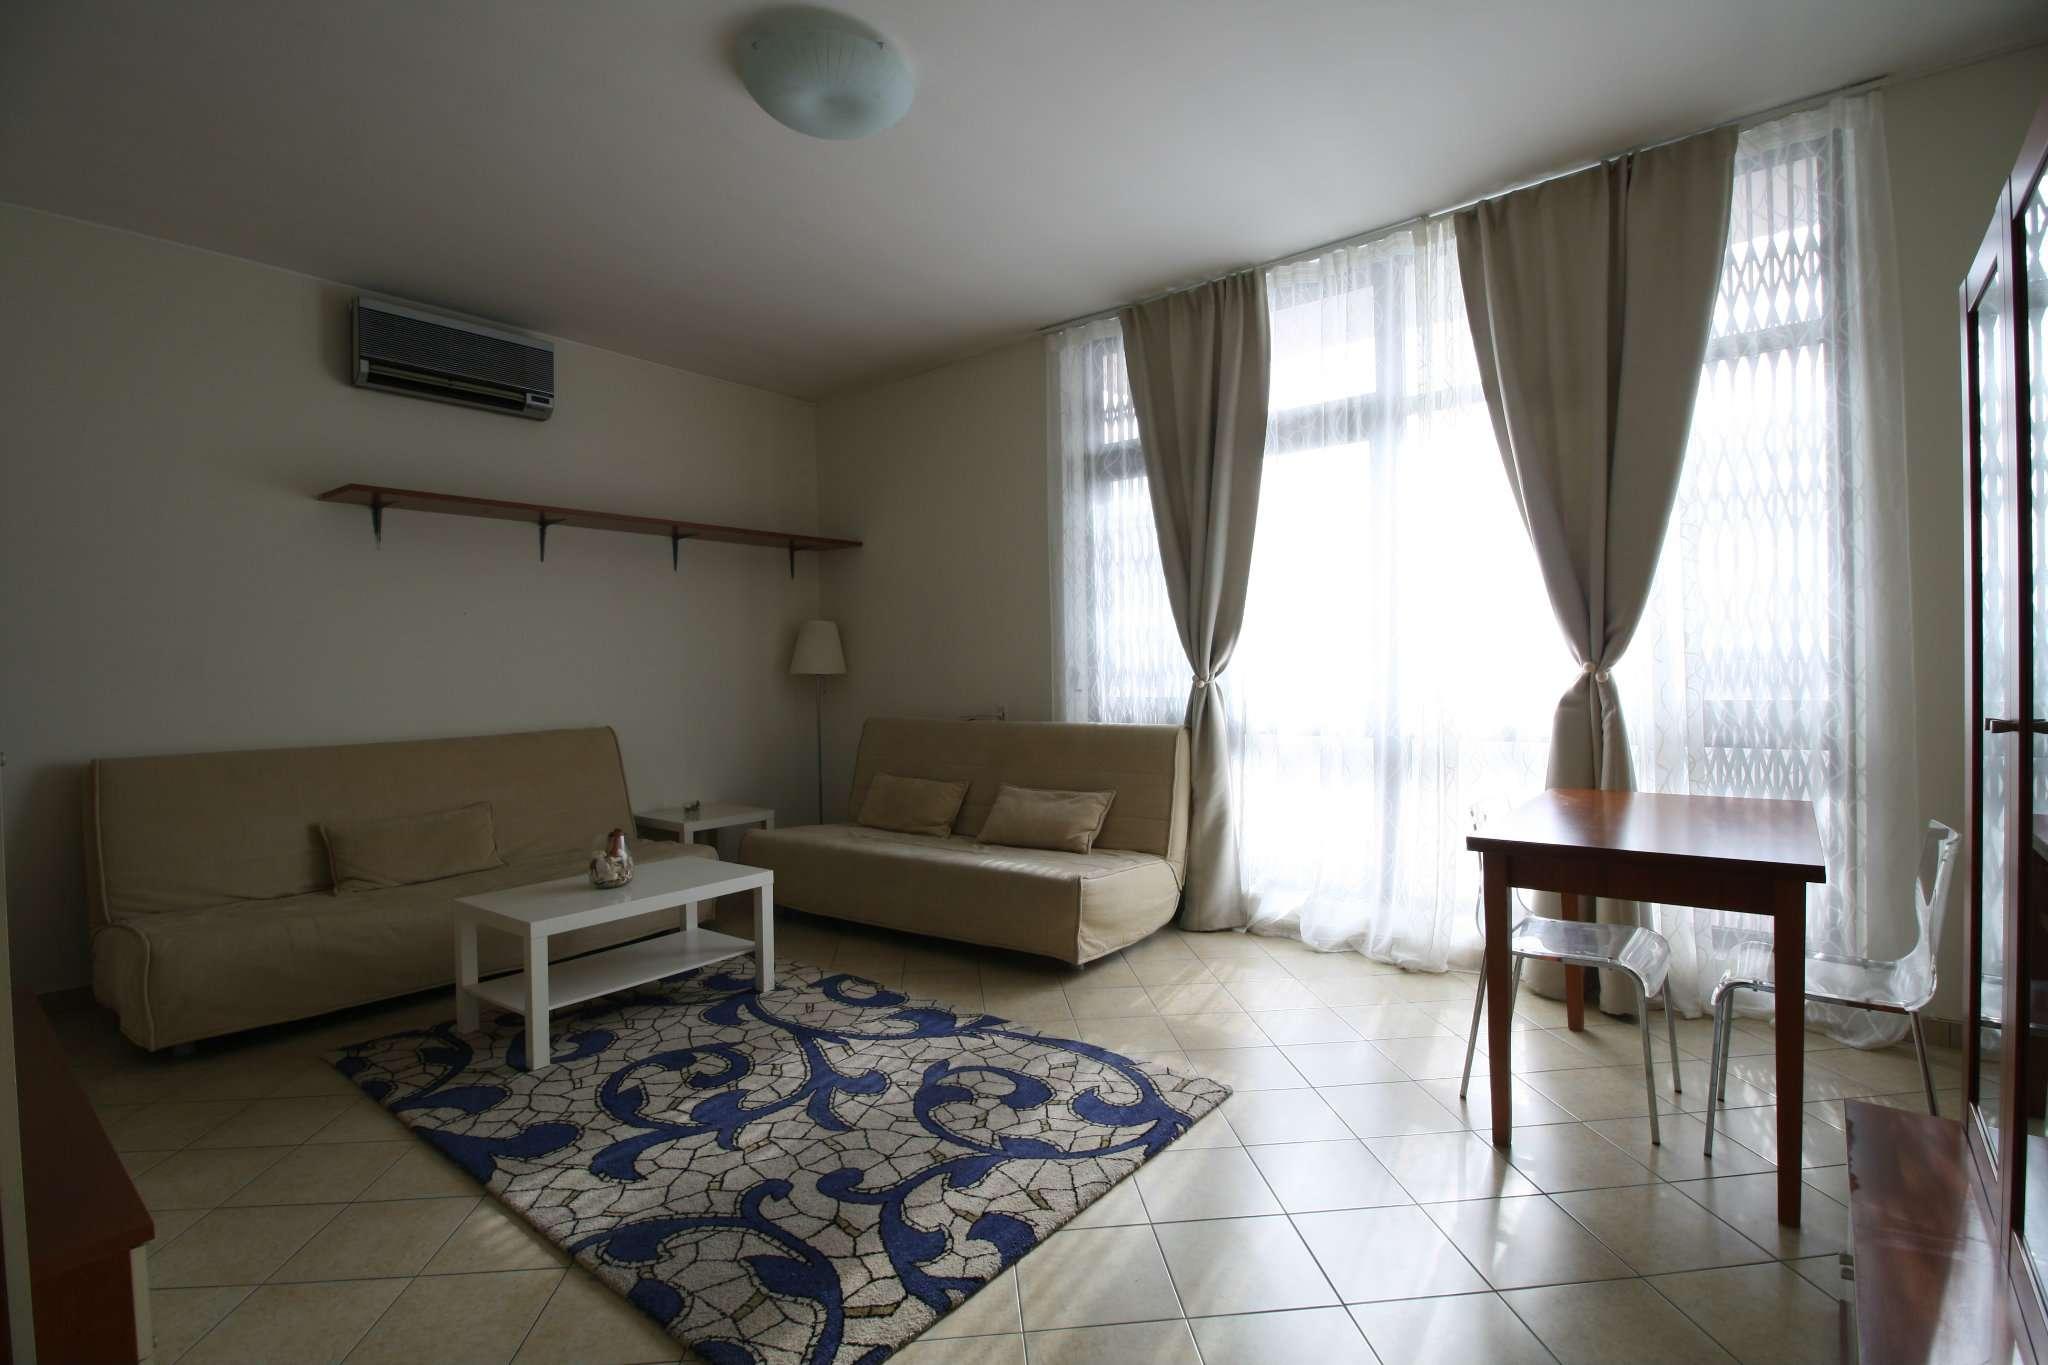 Appartamento in affitto a Trezzano sul Naviglio, 2 locali, prezzo € 650 | CambioCasa.it